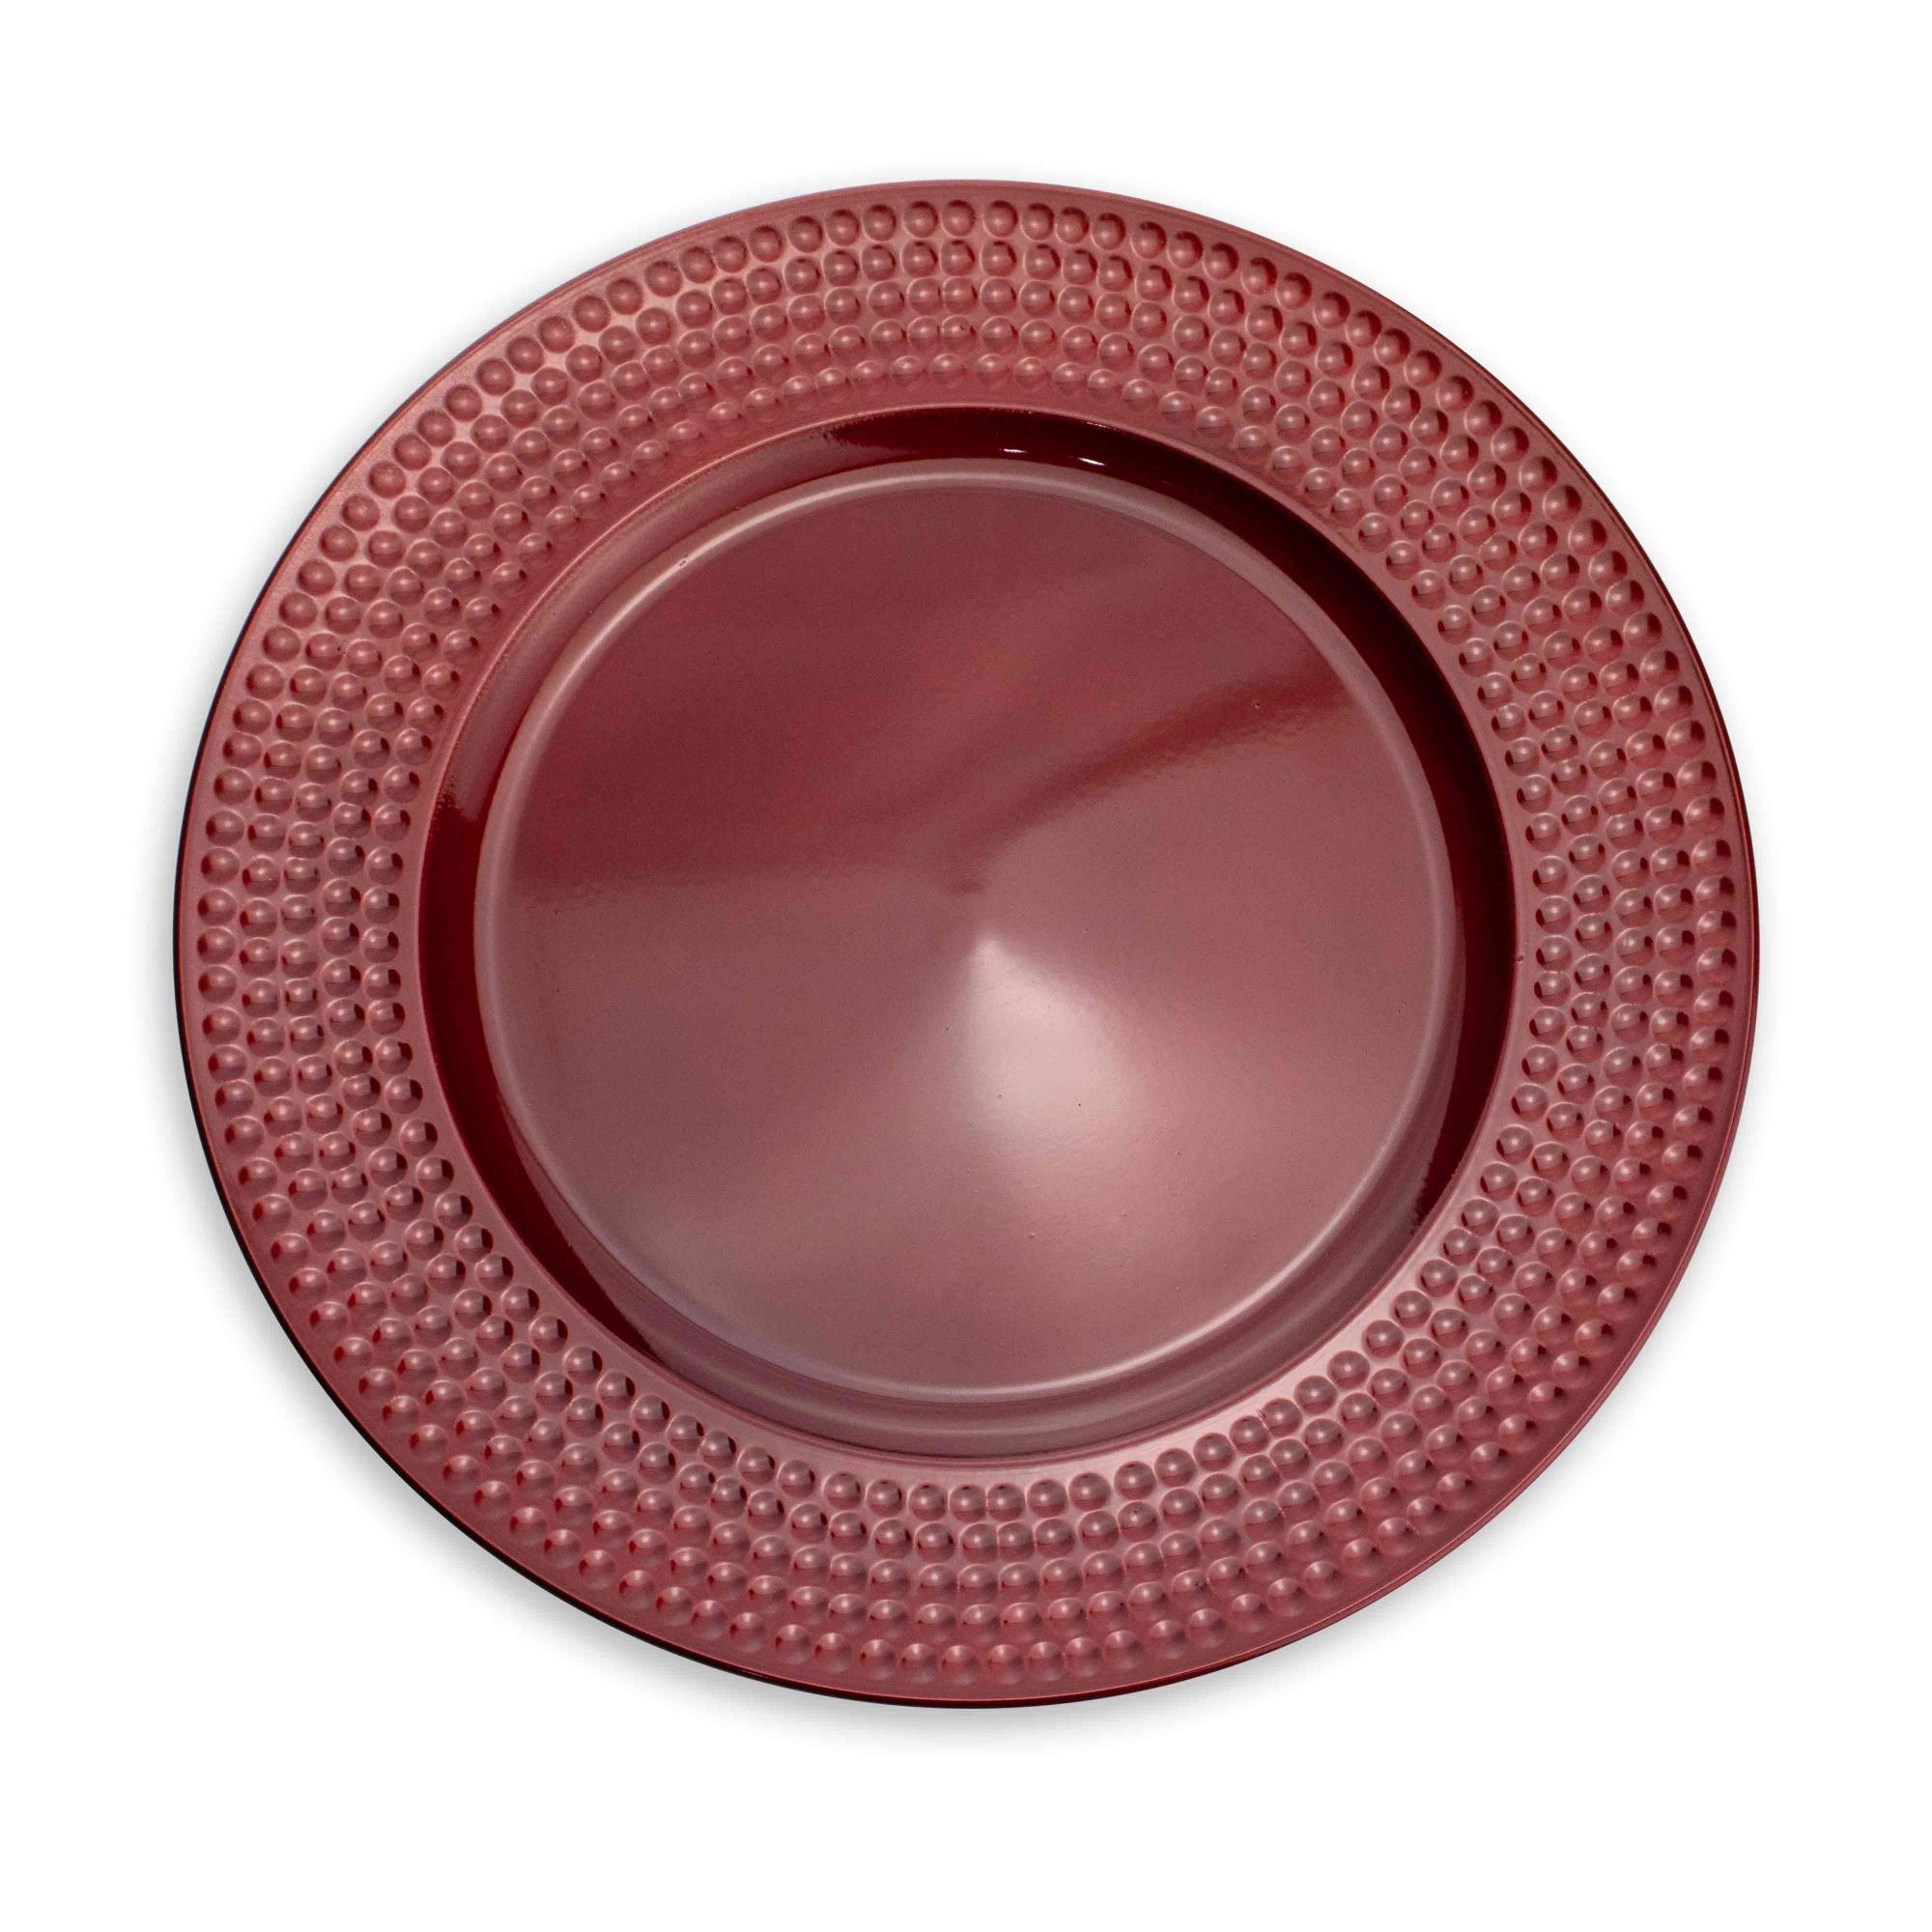 Sousplat de Plástico Vermelho com Relevo Lateral 33 cm - D'Rossi